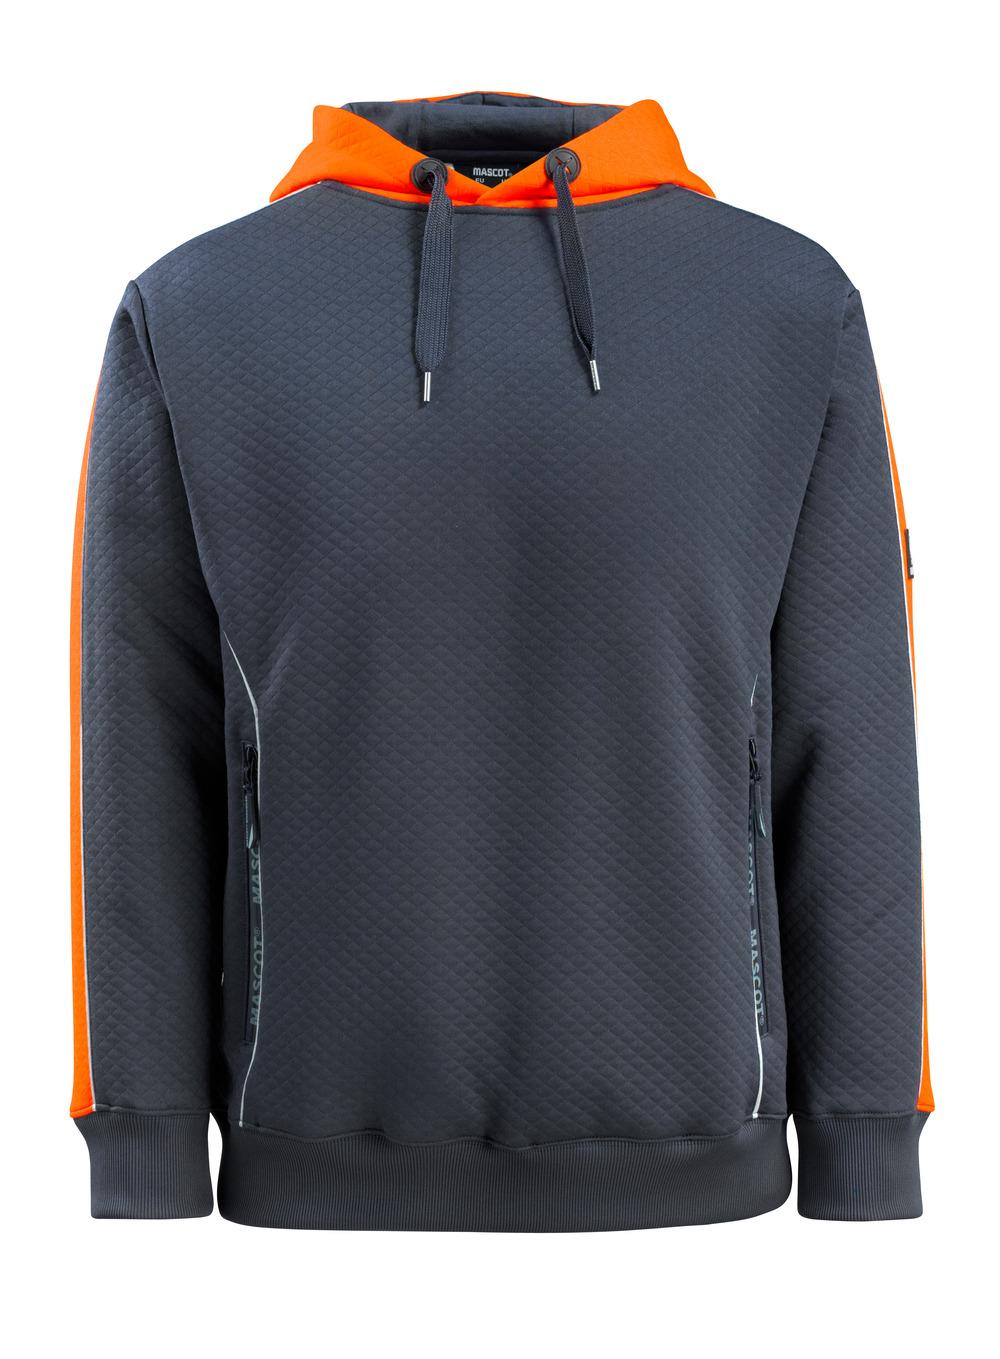 50124-932-01014 Huppari - tumma laivastonsininen/hi-vis oranssi